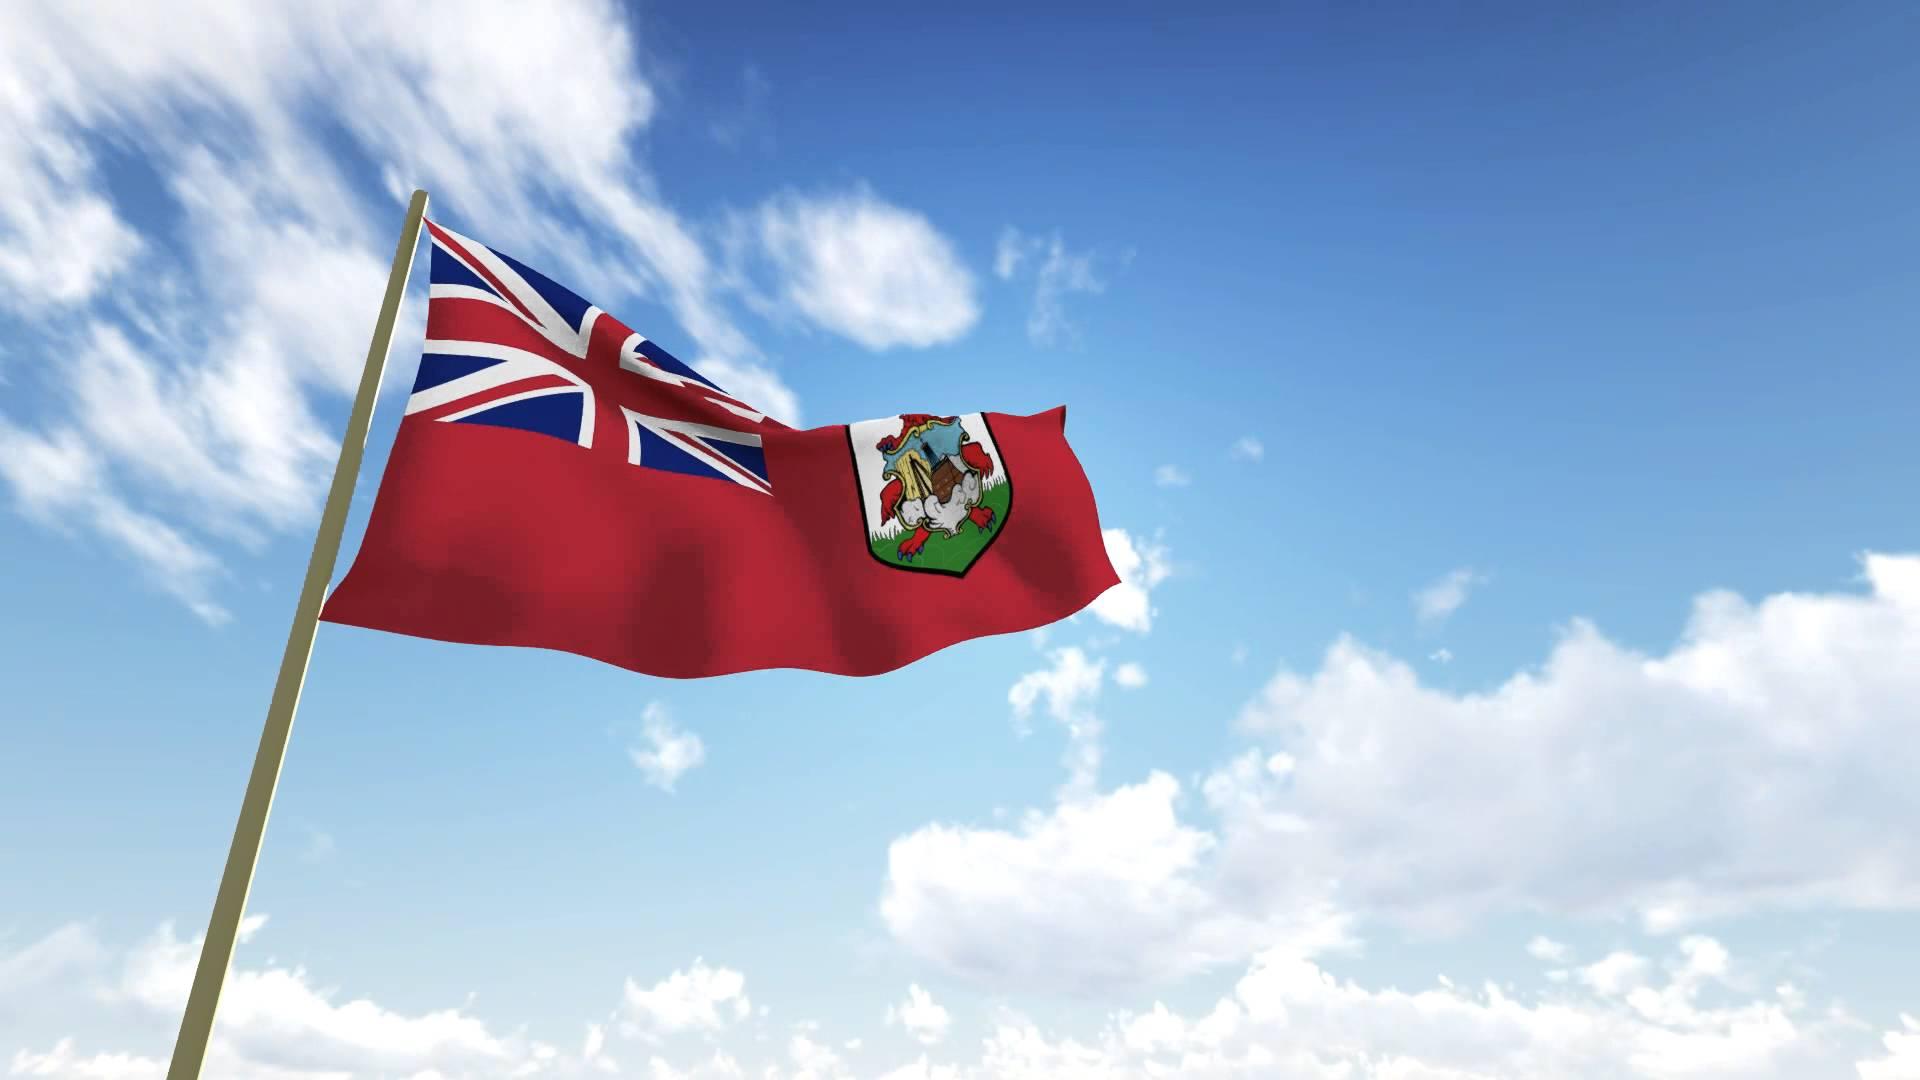 Prima regolamentazione delle ICO al mondo le Bermuda battono tuttti - Prima regolamentazione delle ICO al mondo: le Bermuda battono tuttti?